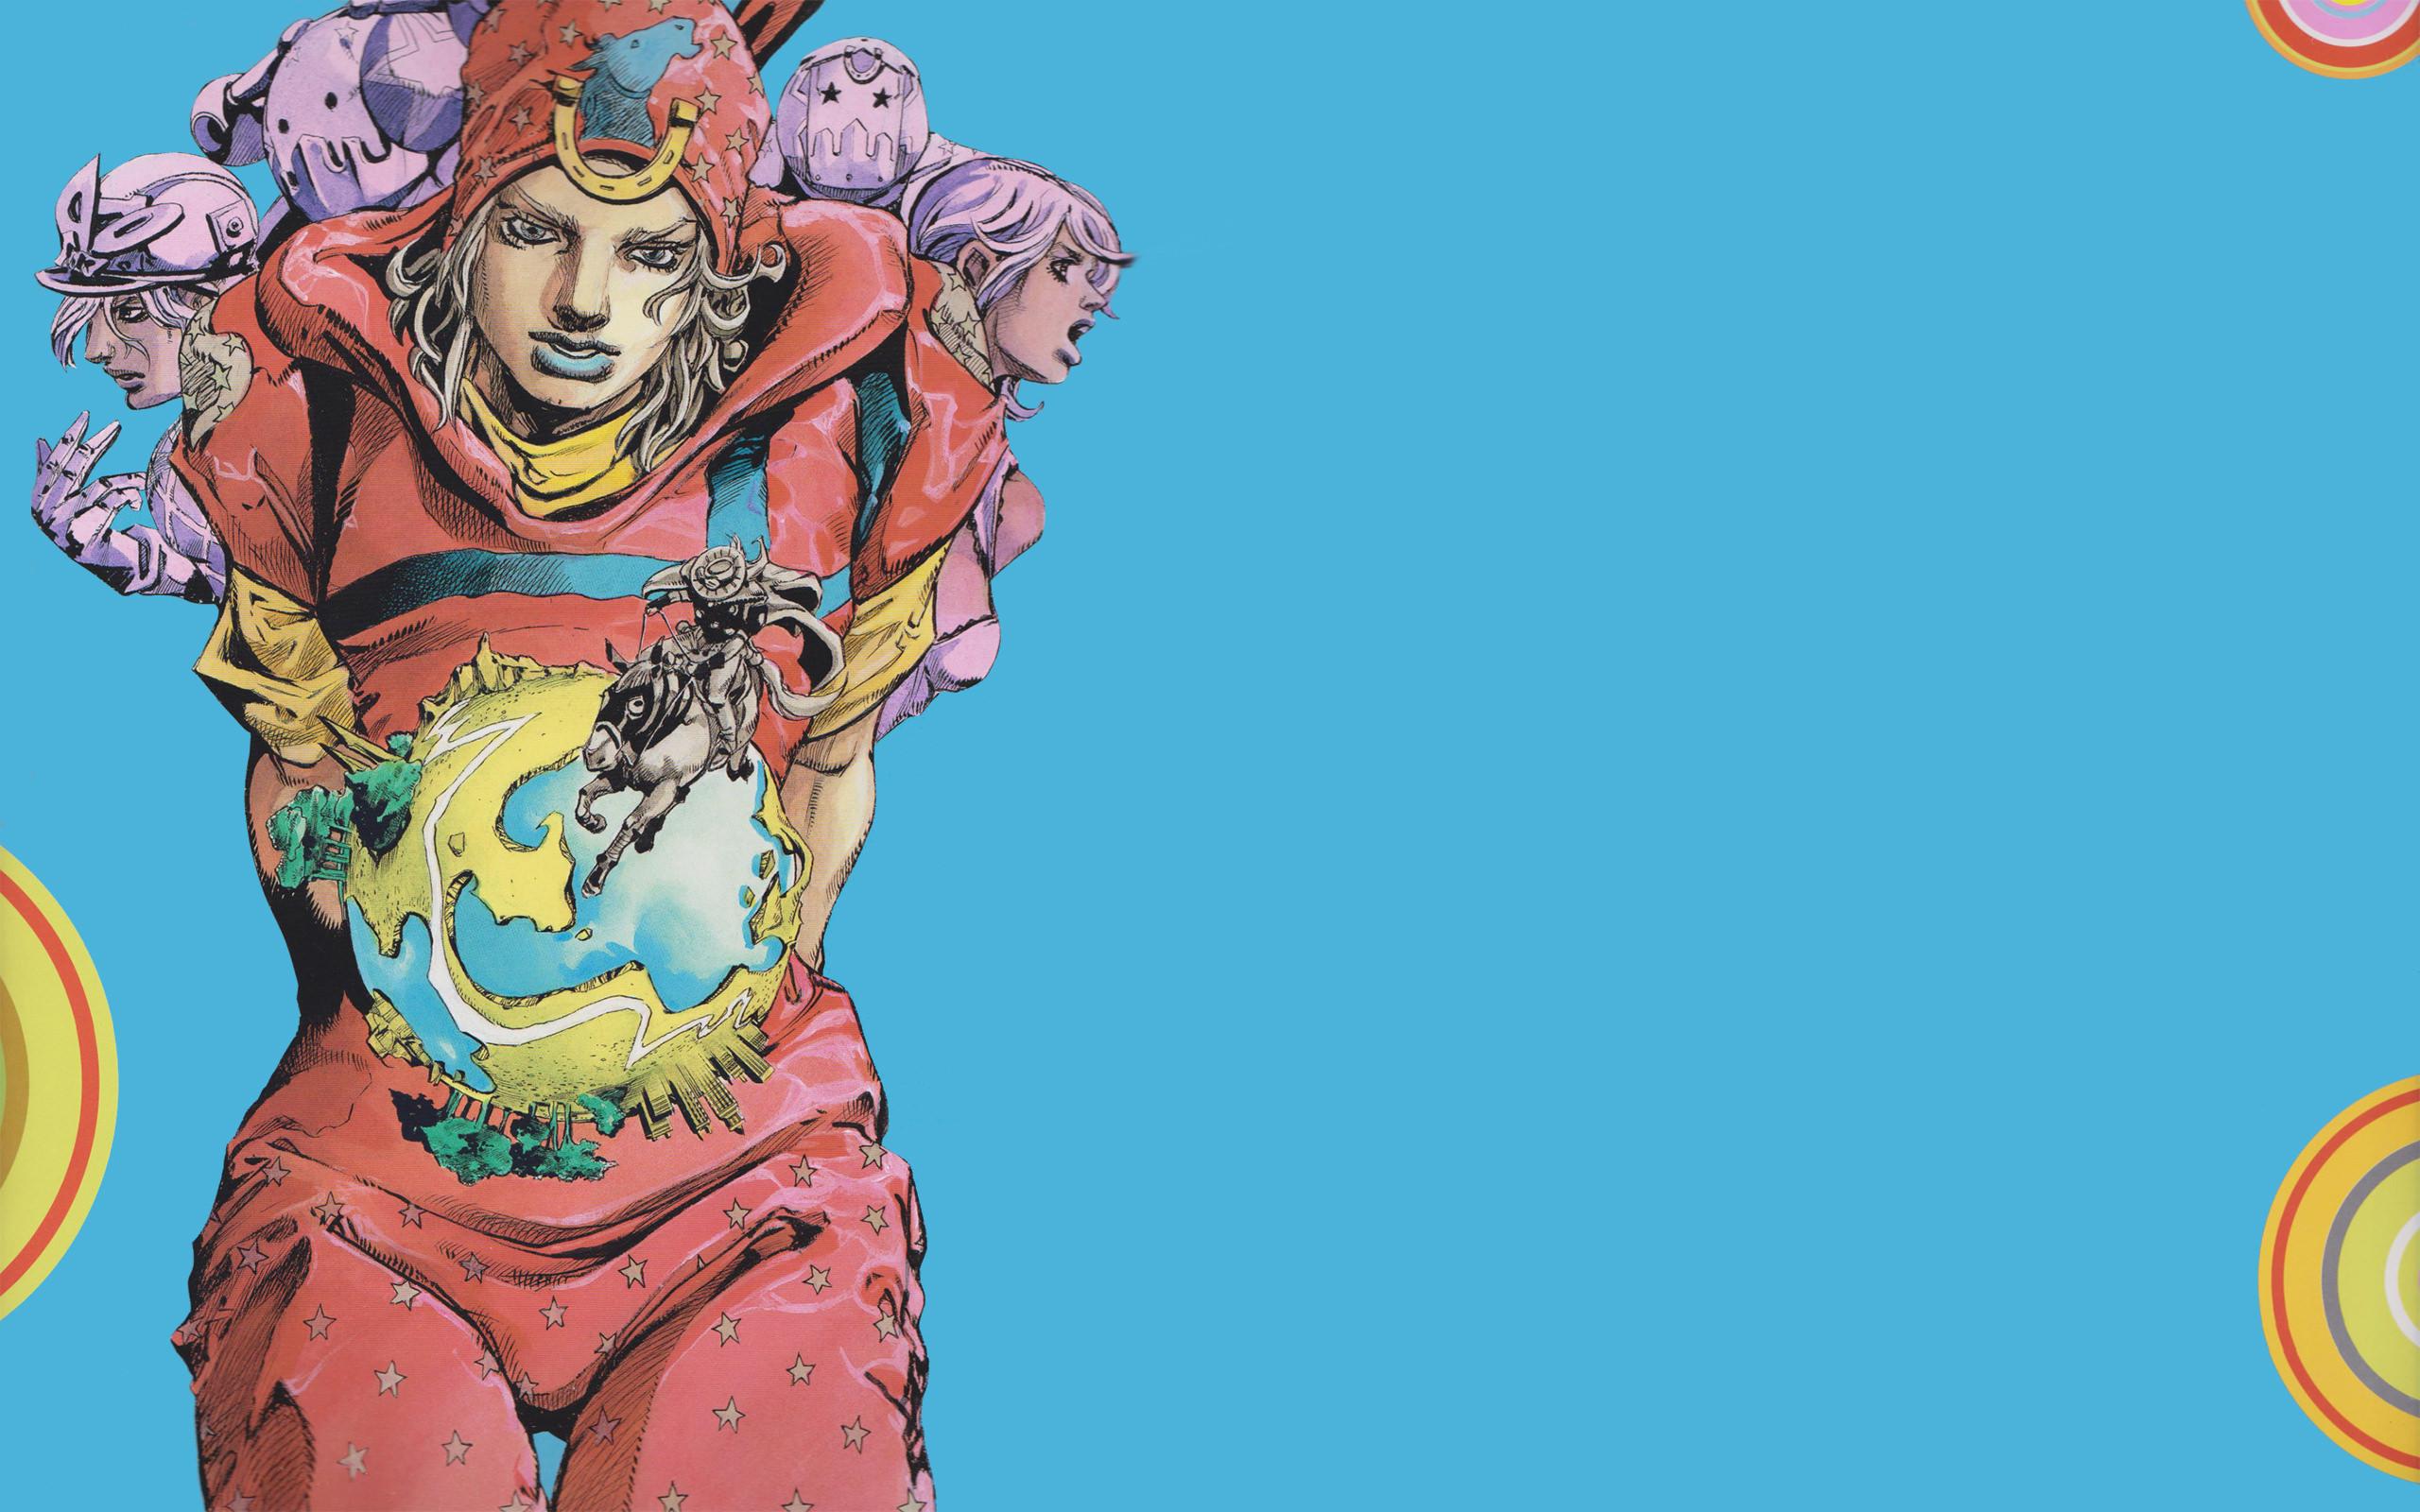 Wallpaper : JoJo's Bizarre Adventure, Jojo, Jojolion